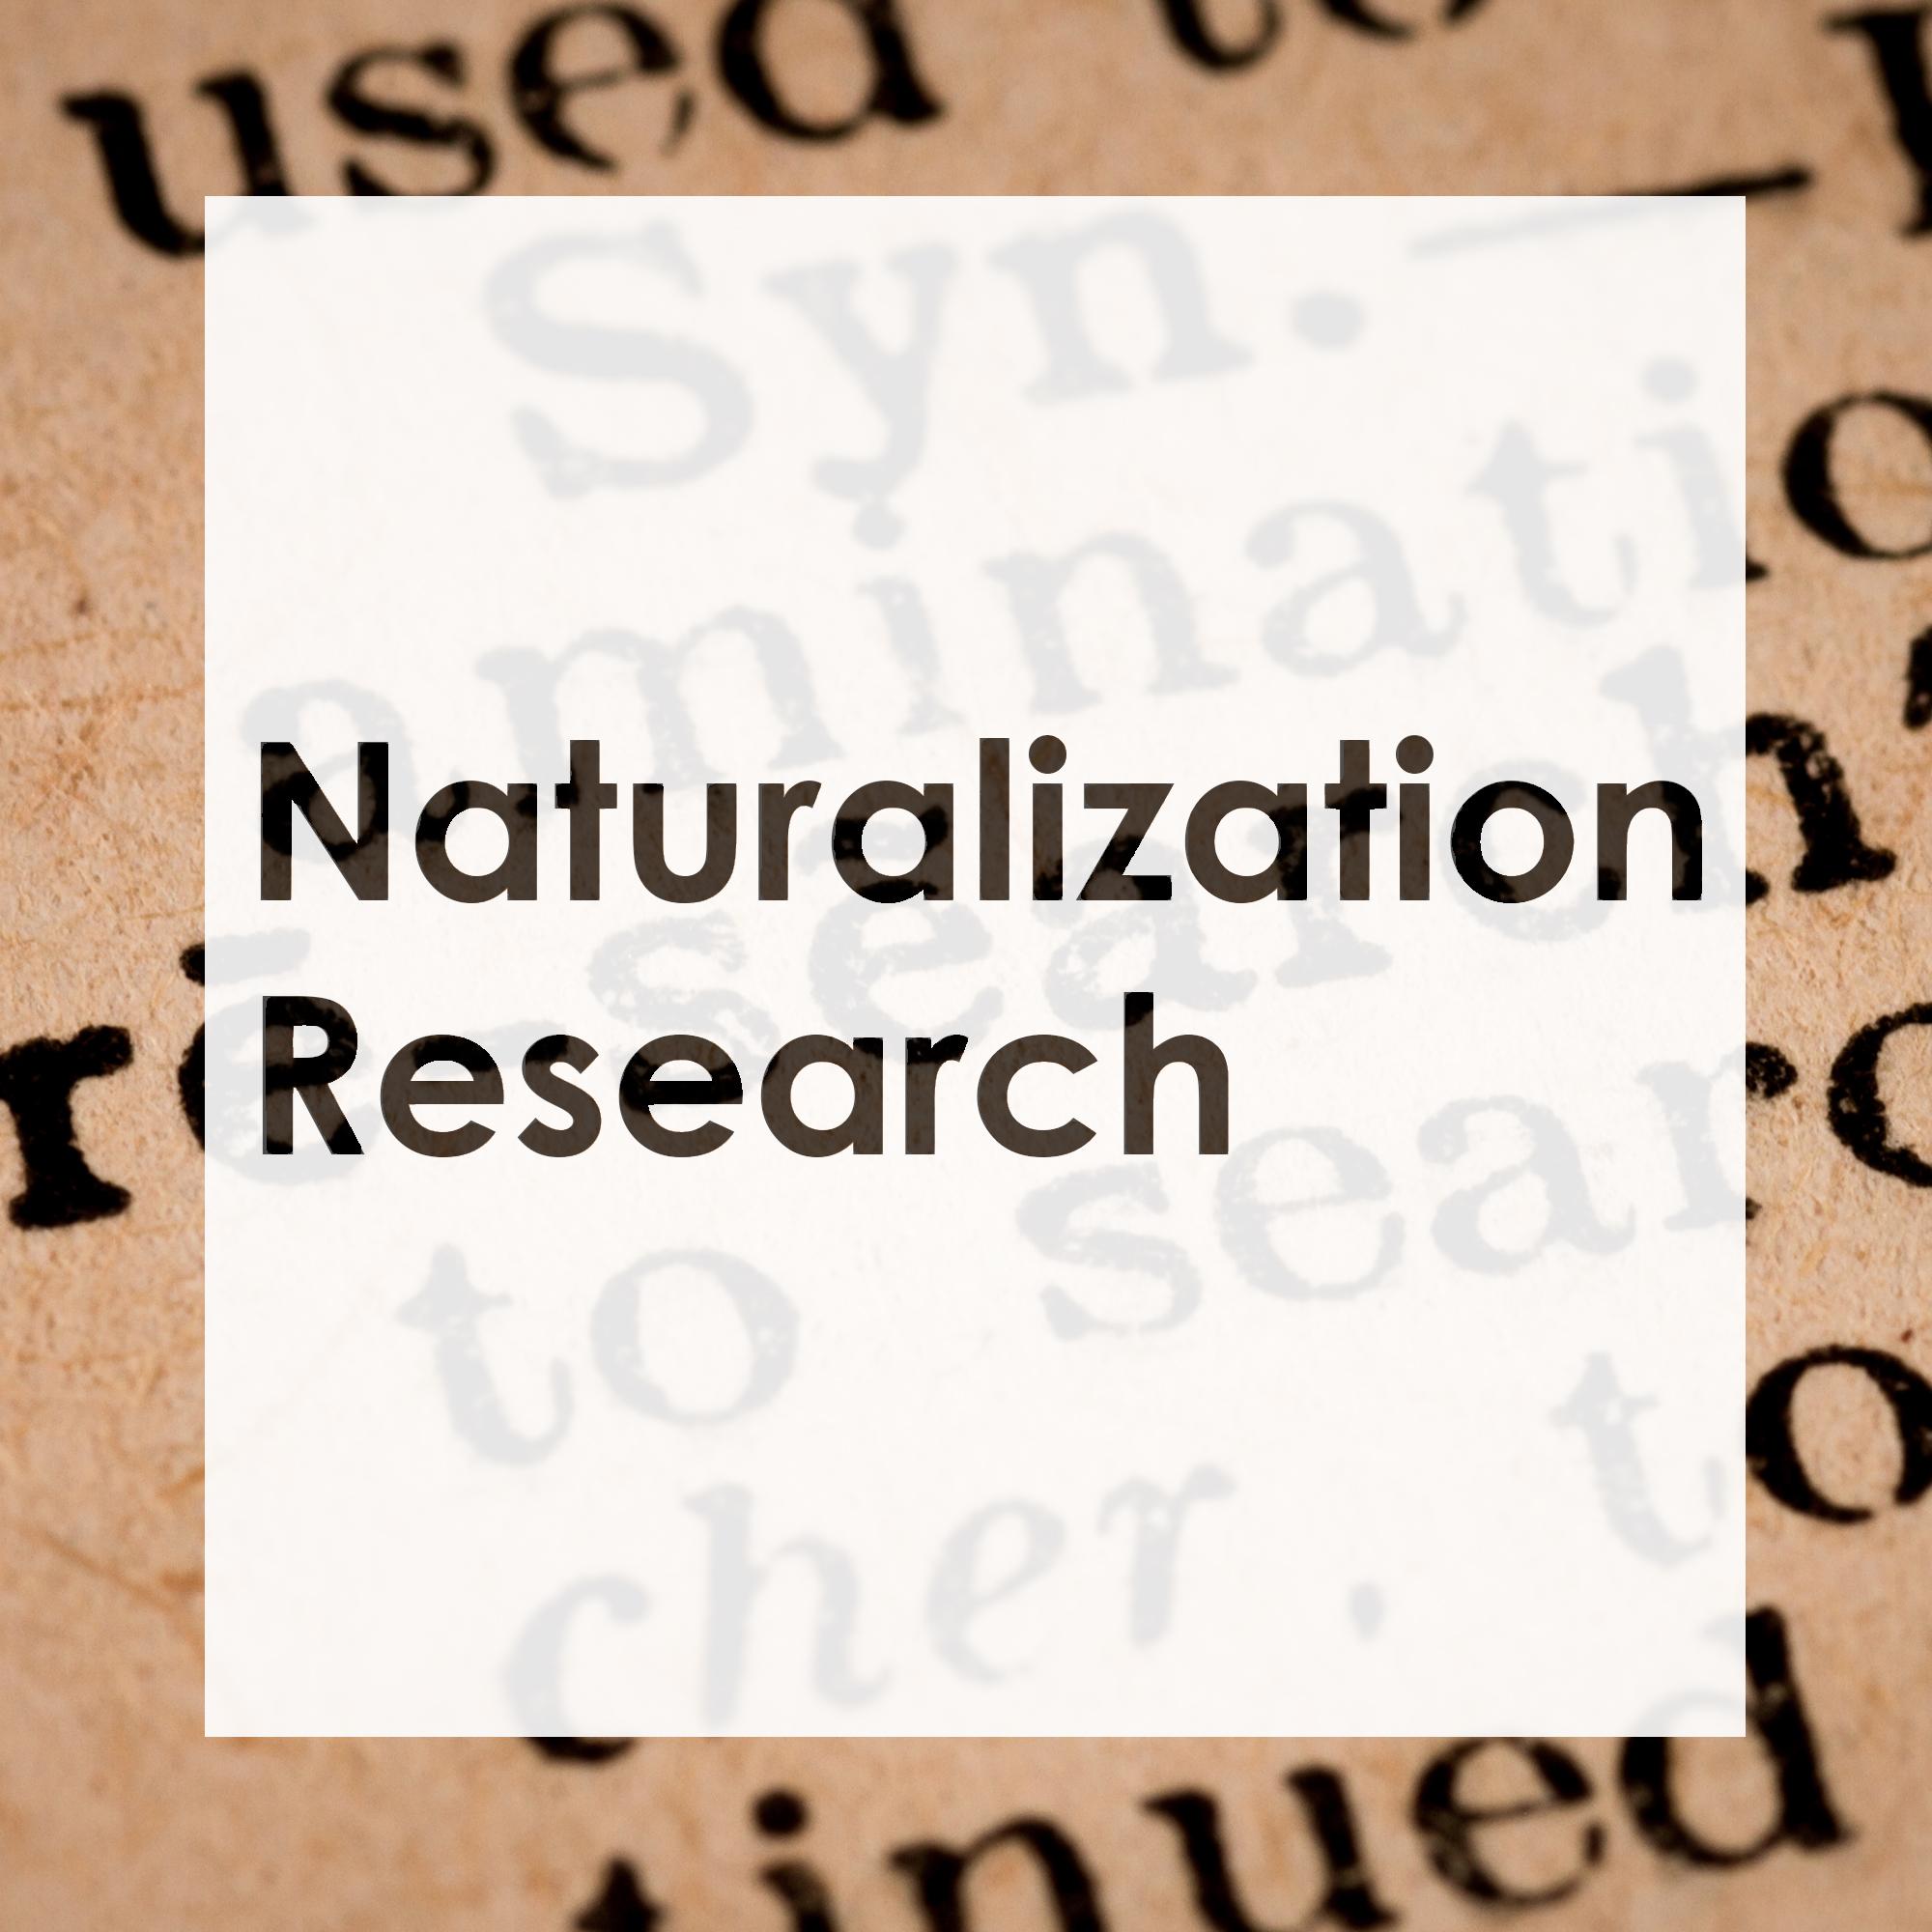 Naturalization Research